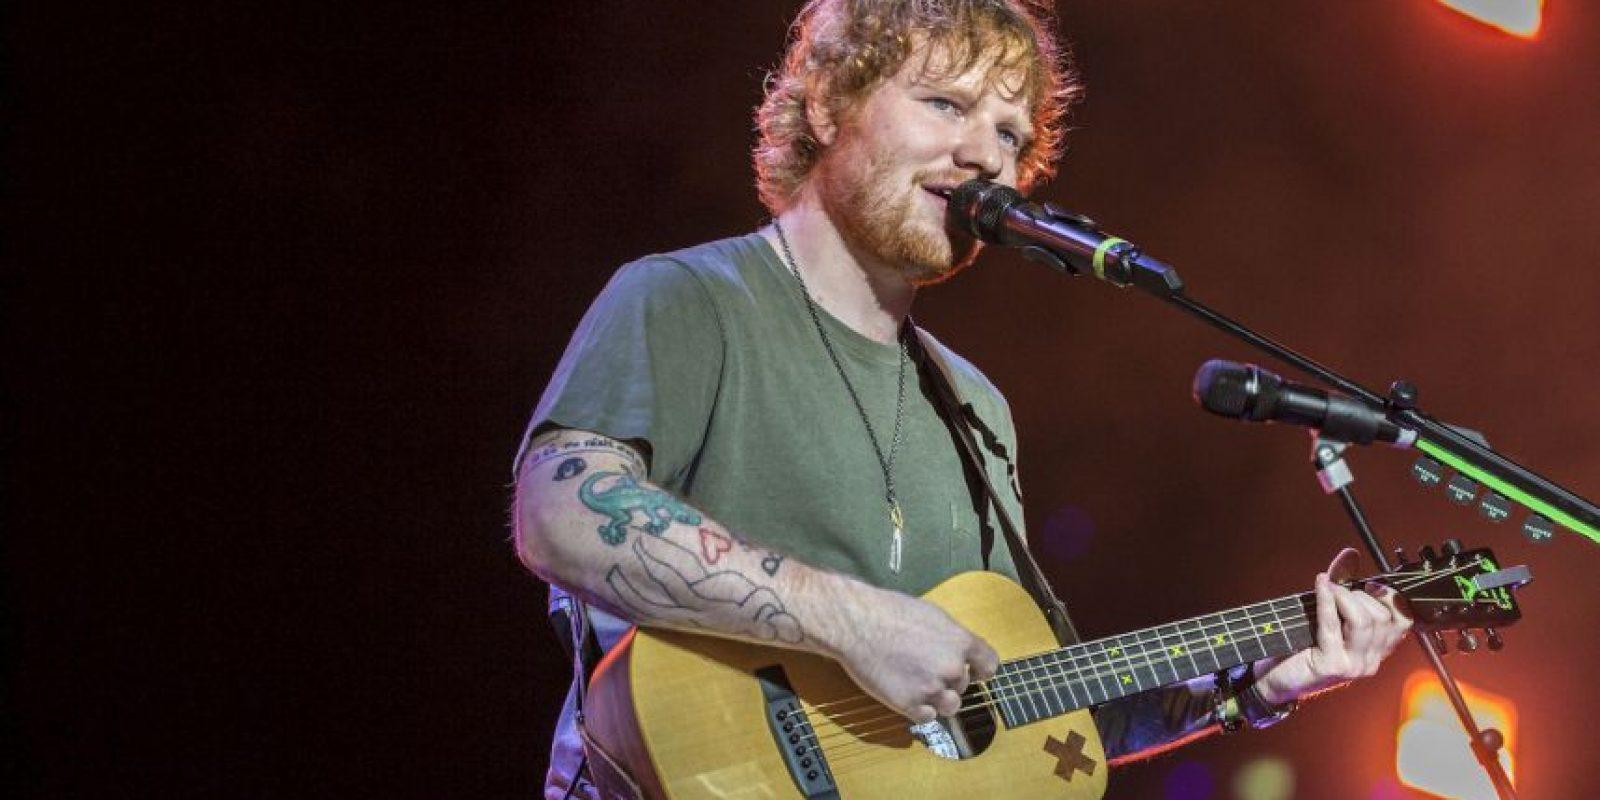 El cantante obtuvo 1.4 millones de dólares Foto:Getty Images